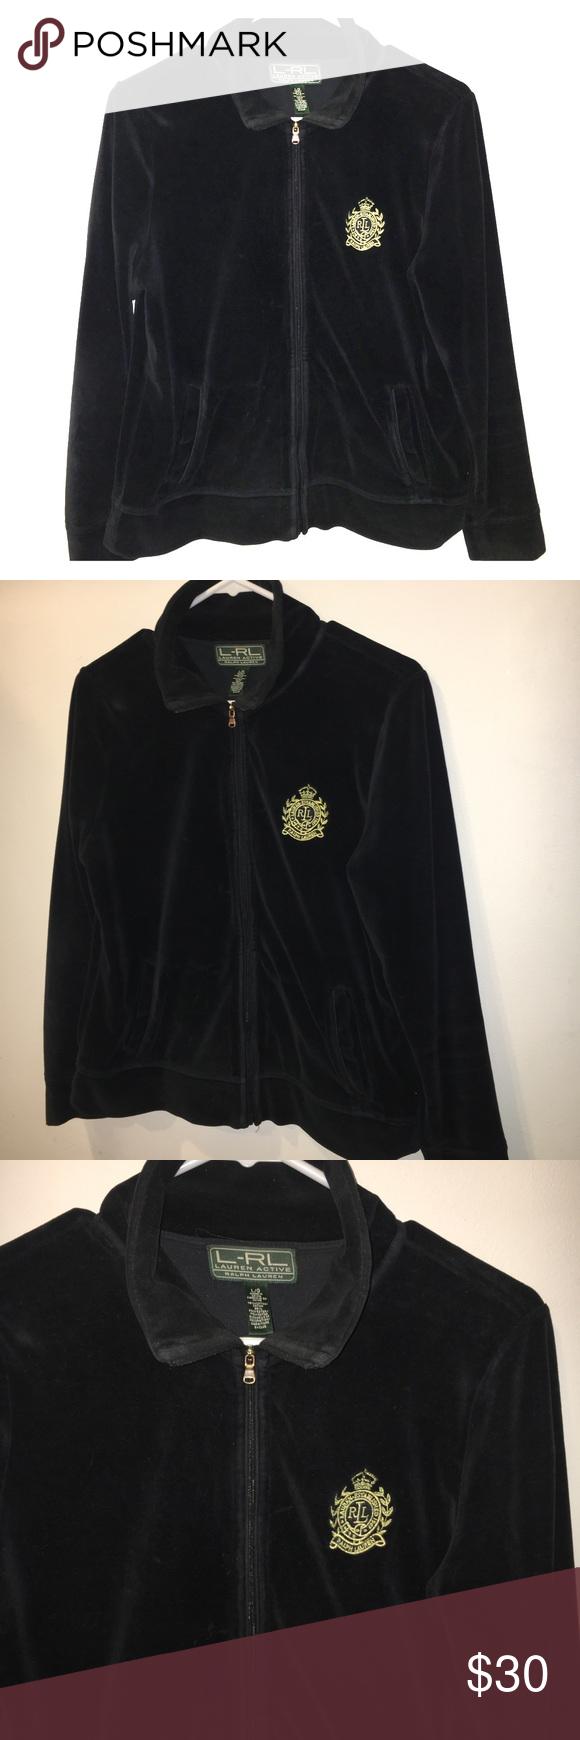 Ralph lauren velour track jacket active top crest sweat shirt